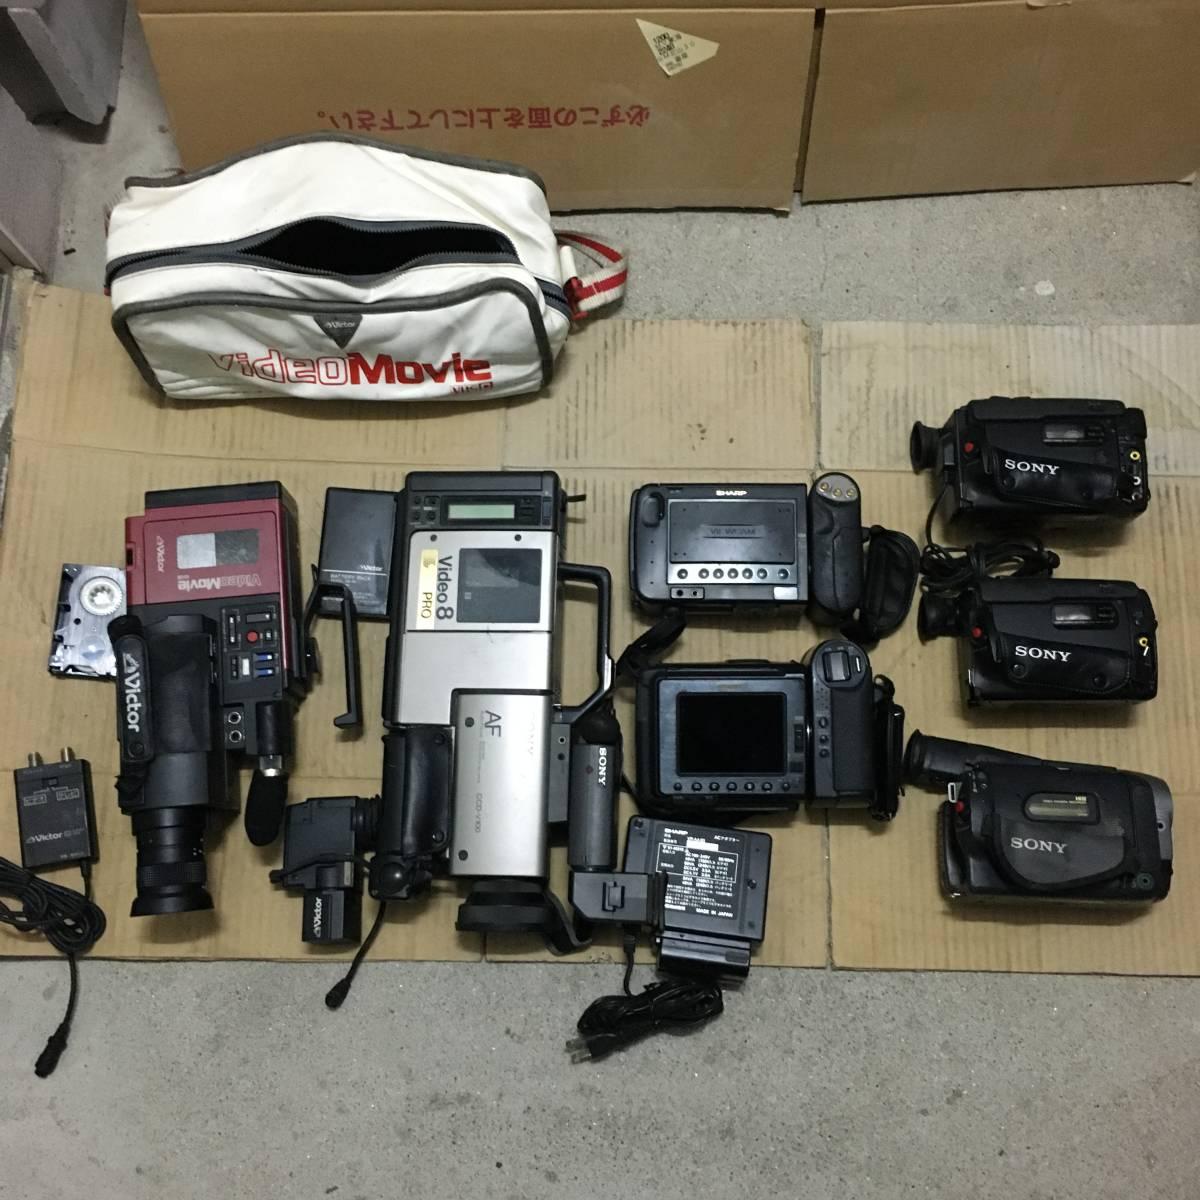 ビデオカメラ(41) 機種色々 Victor(VideoMovie) SONY(Video8,Handycam 3台) SHARP(Viewcam 2台)など まとめて 7台 部品取り ジャンク品_画像7